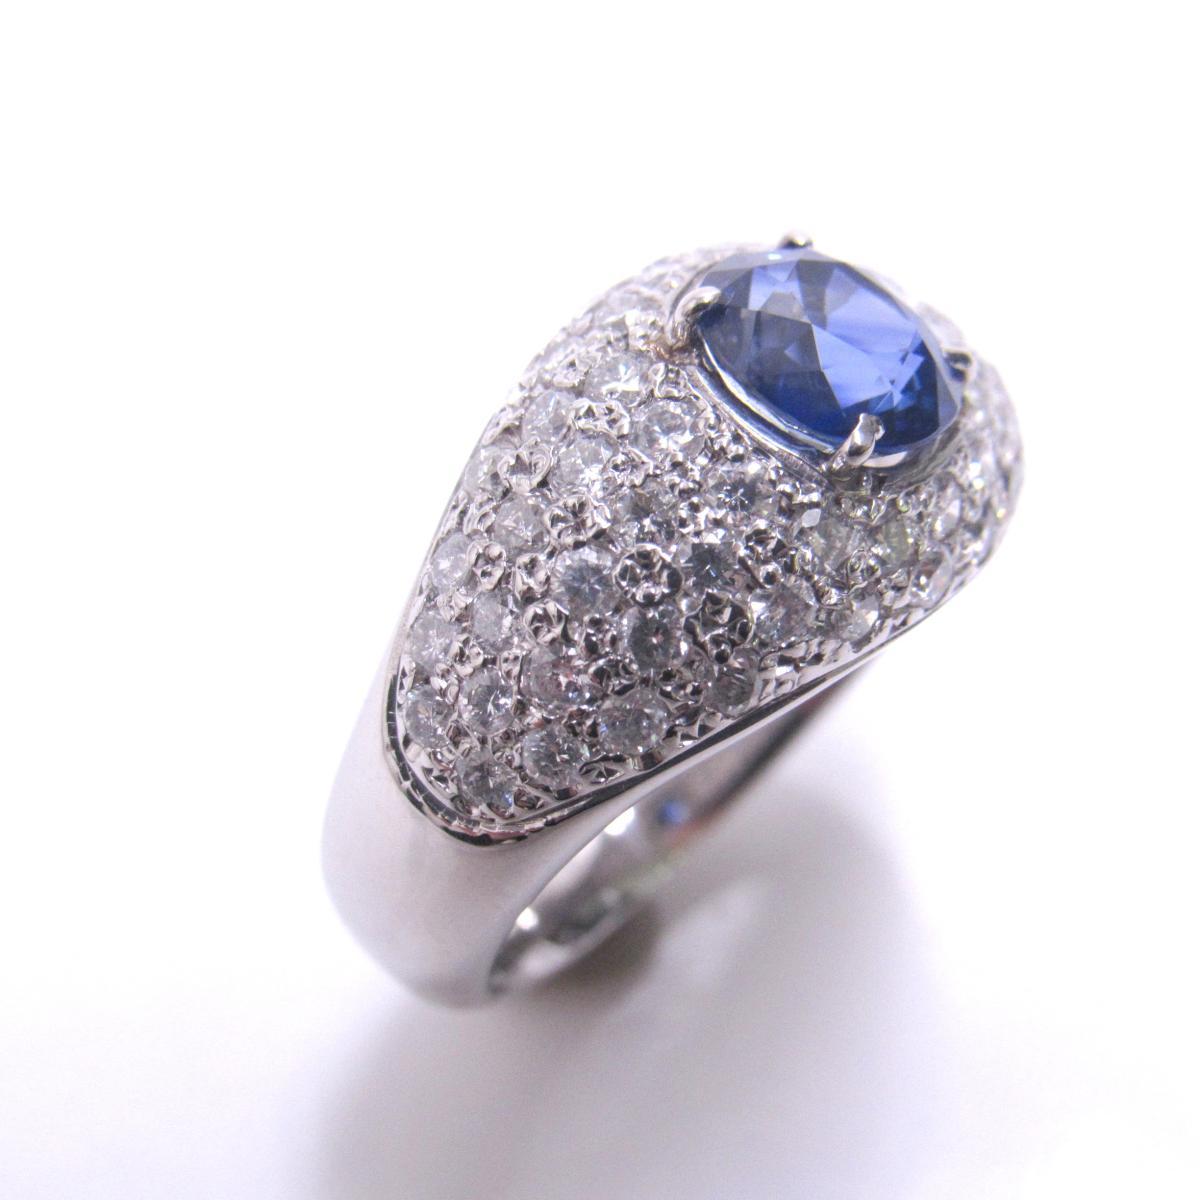 【中古】 ジュエリー リング 指輪 レディース PT900 プラチナ x サファイア (1.43ct) ダイヤモンド (1.26ct) ブルー | JEWELRY BRANDOFF ブランドオフ ブランド アクセサリー